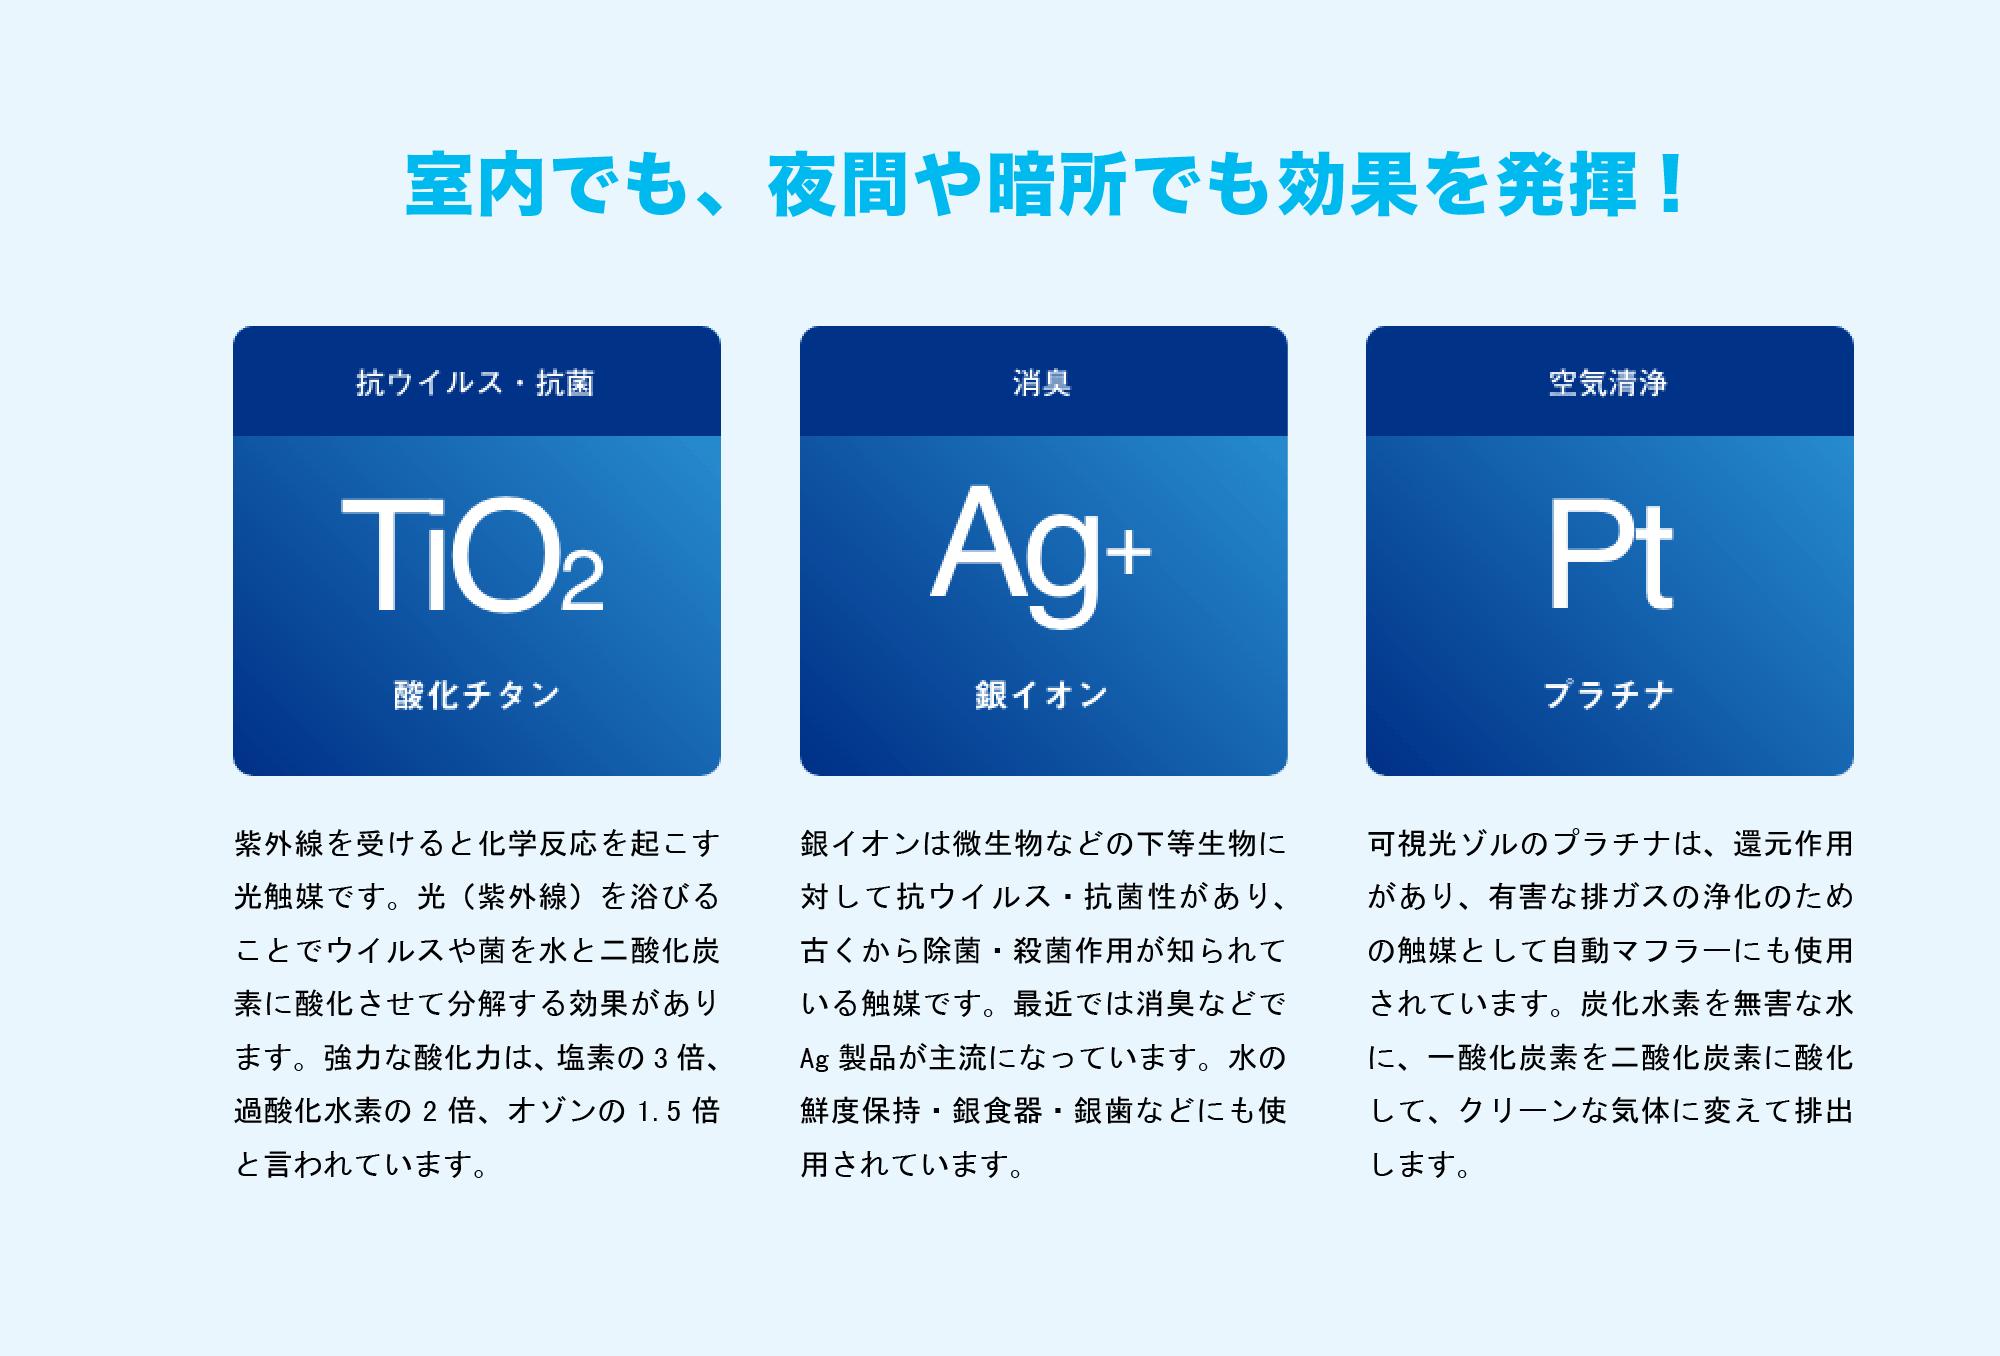 酸化チタン・銀イオン・プラチナのそれぞれの効果